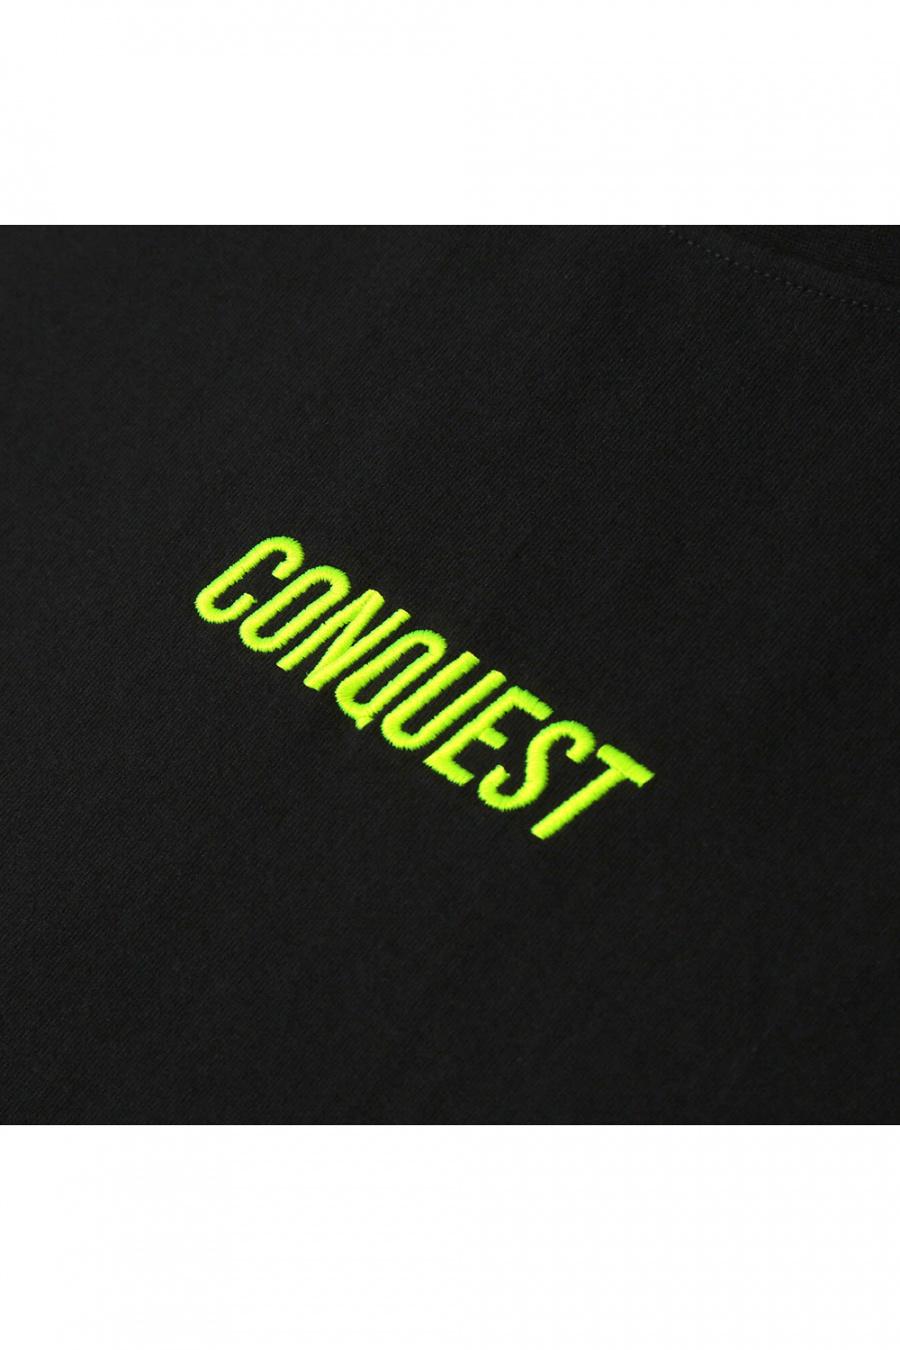 알디브이제트(RDVZ) 컨퀘스트 티셔츠 블랙